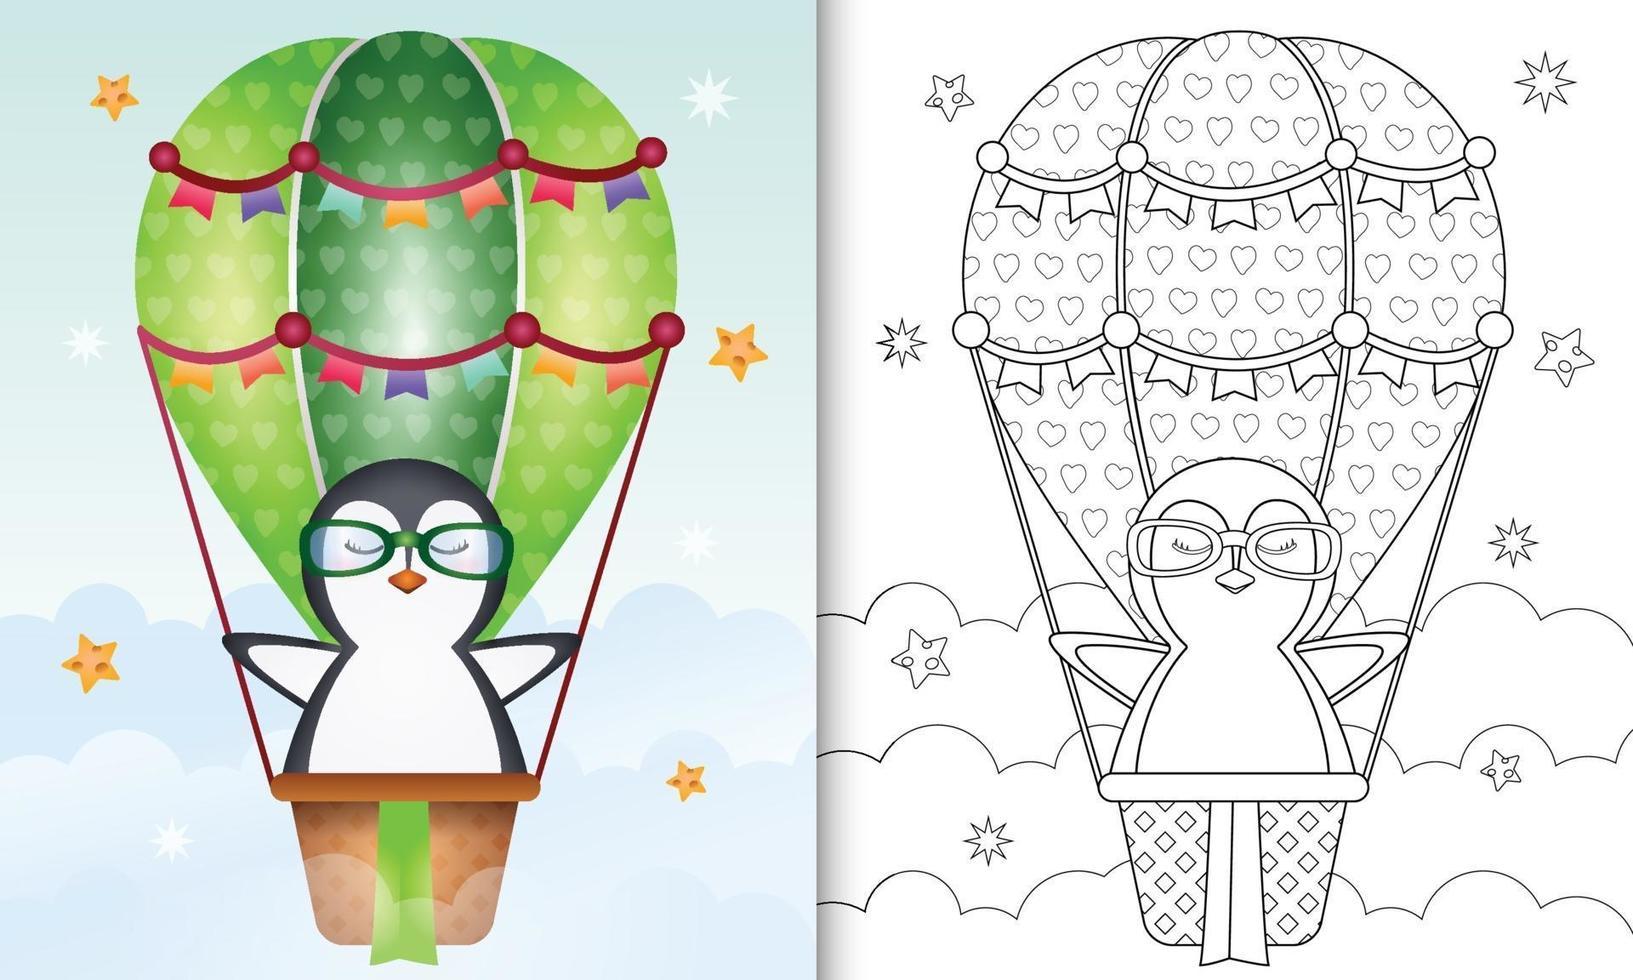 livre de coloriage pour les enfants avec un pingouin mignon sur ballon à air chaud vecteur